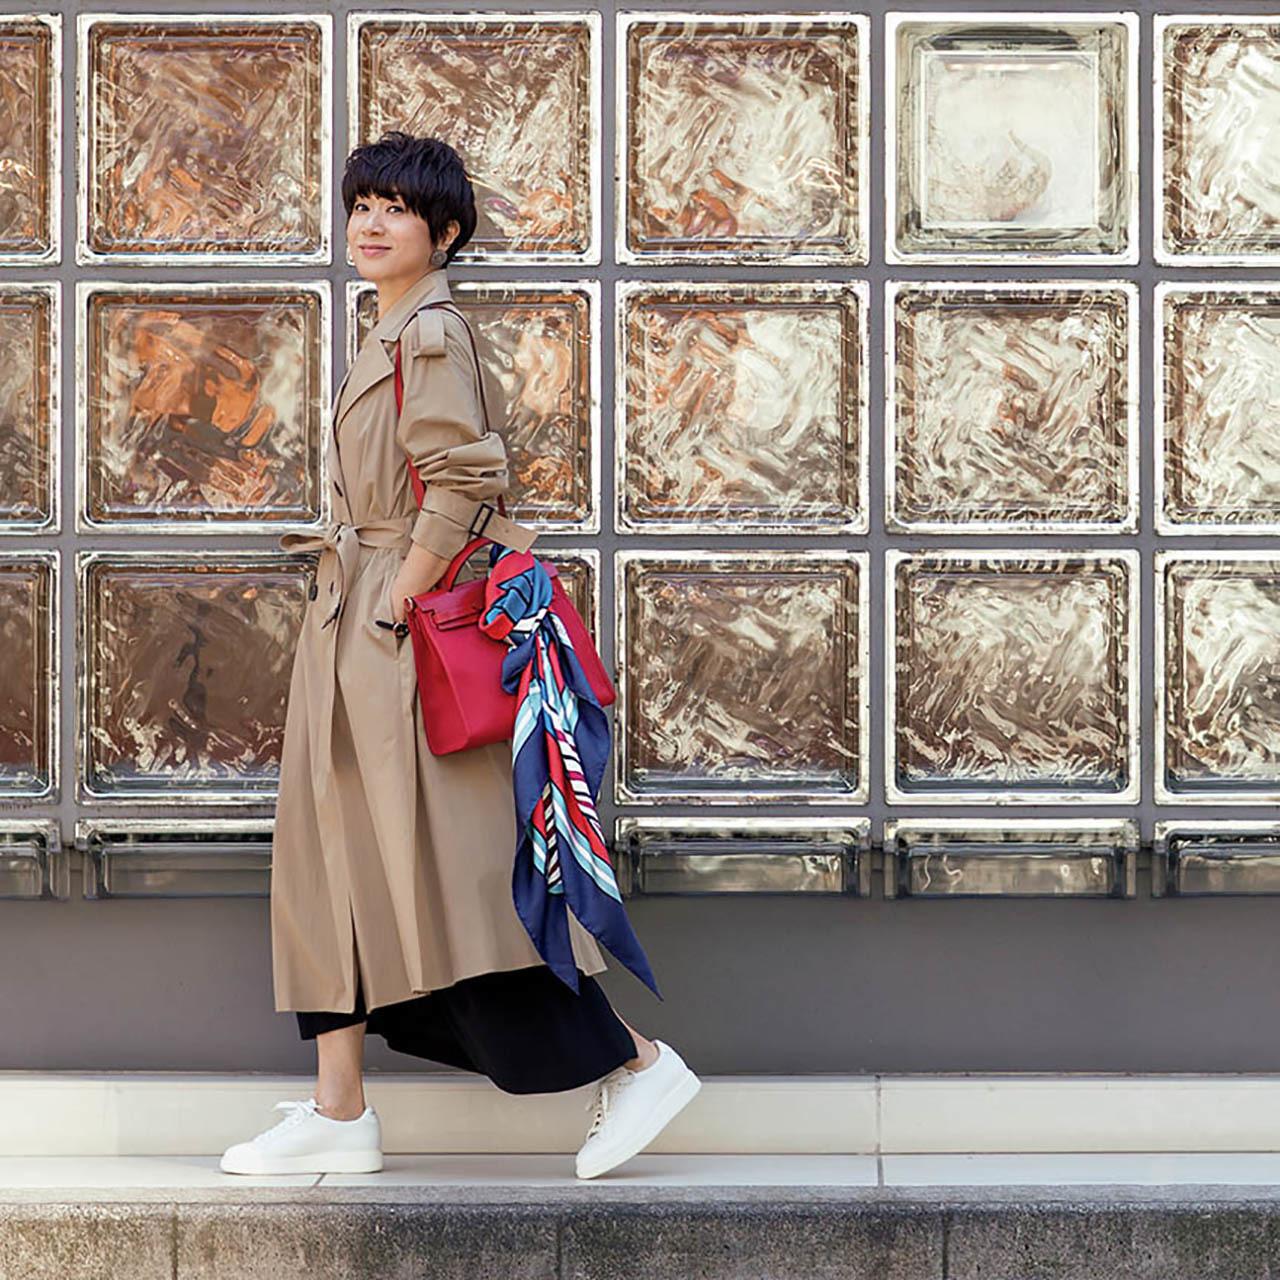 お買い物以上の、価値と魅力がある街。黒田知永子「大人の銀座歩き」 五選